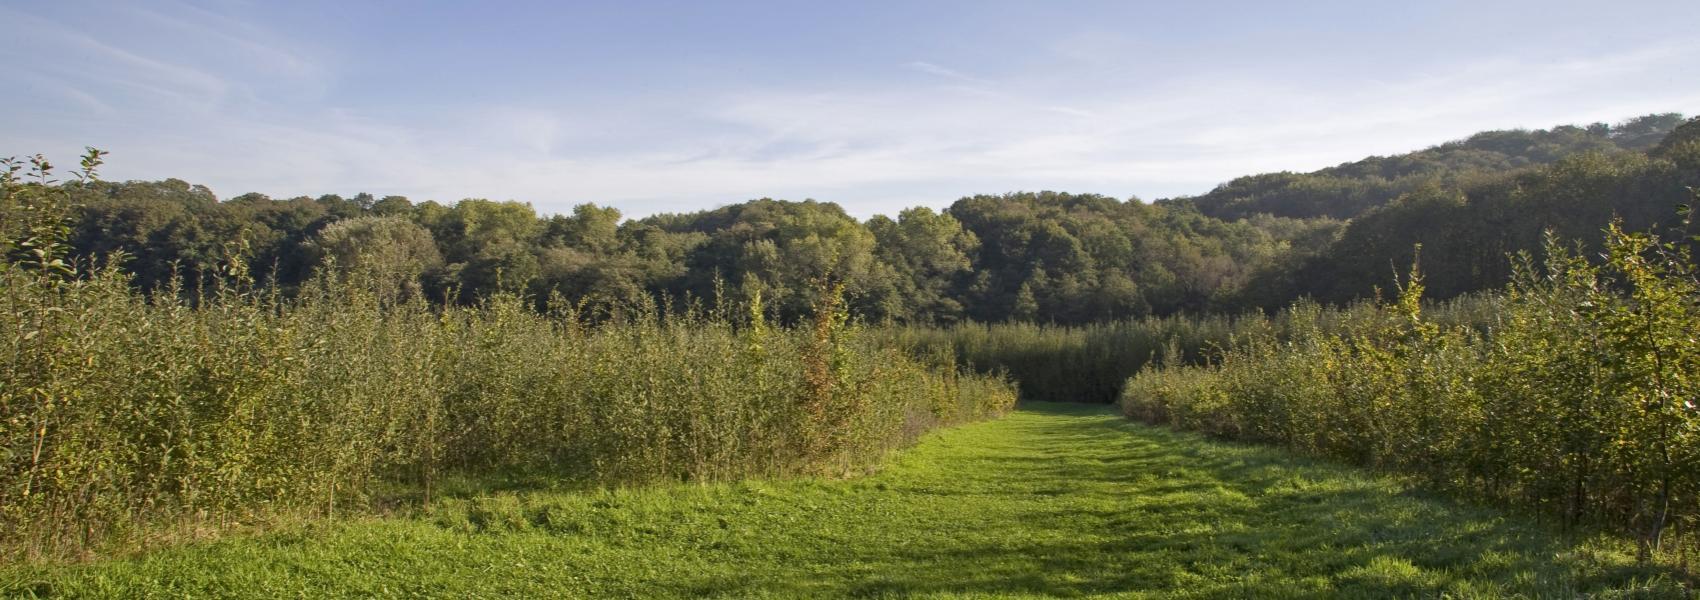 grasdreef met op de achtergrond het bos